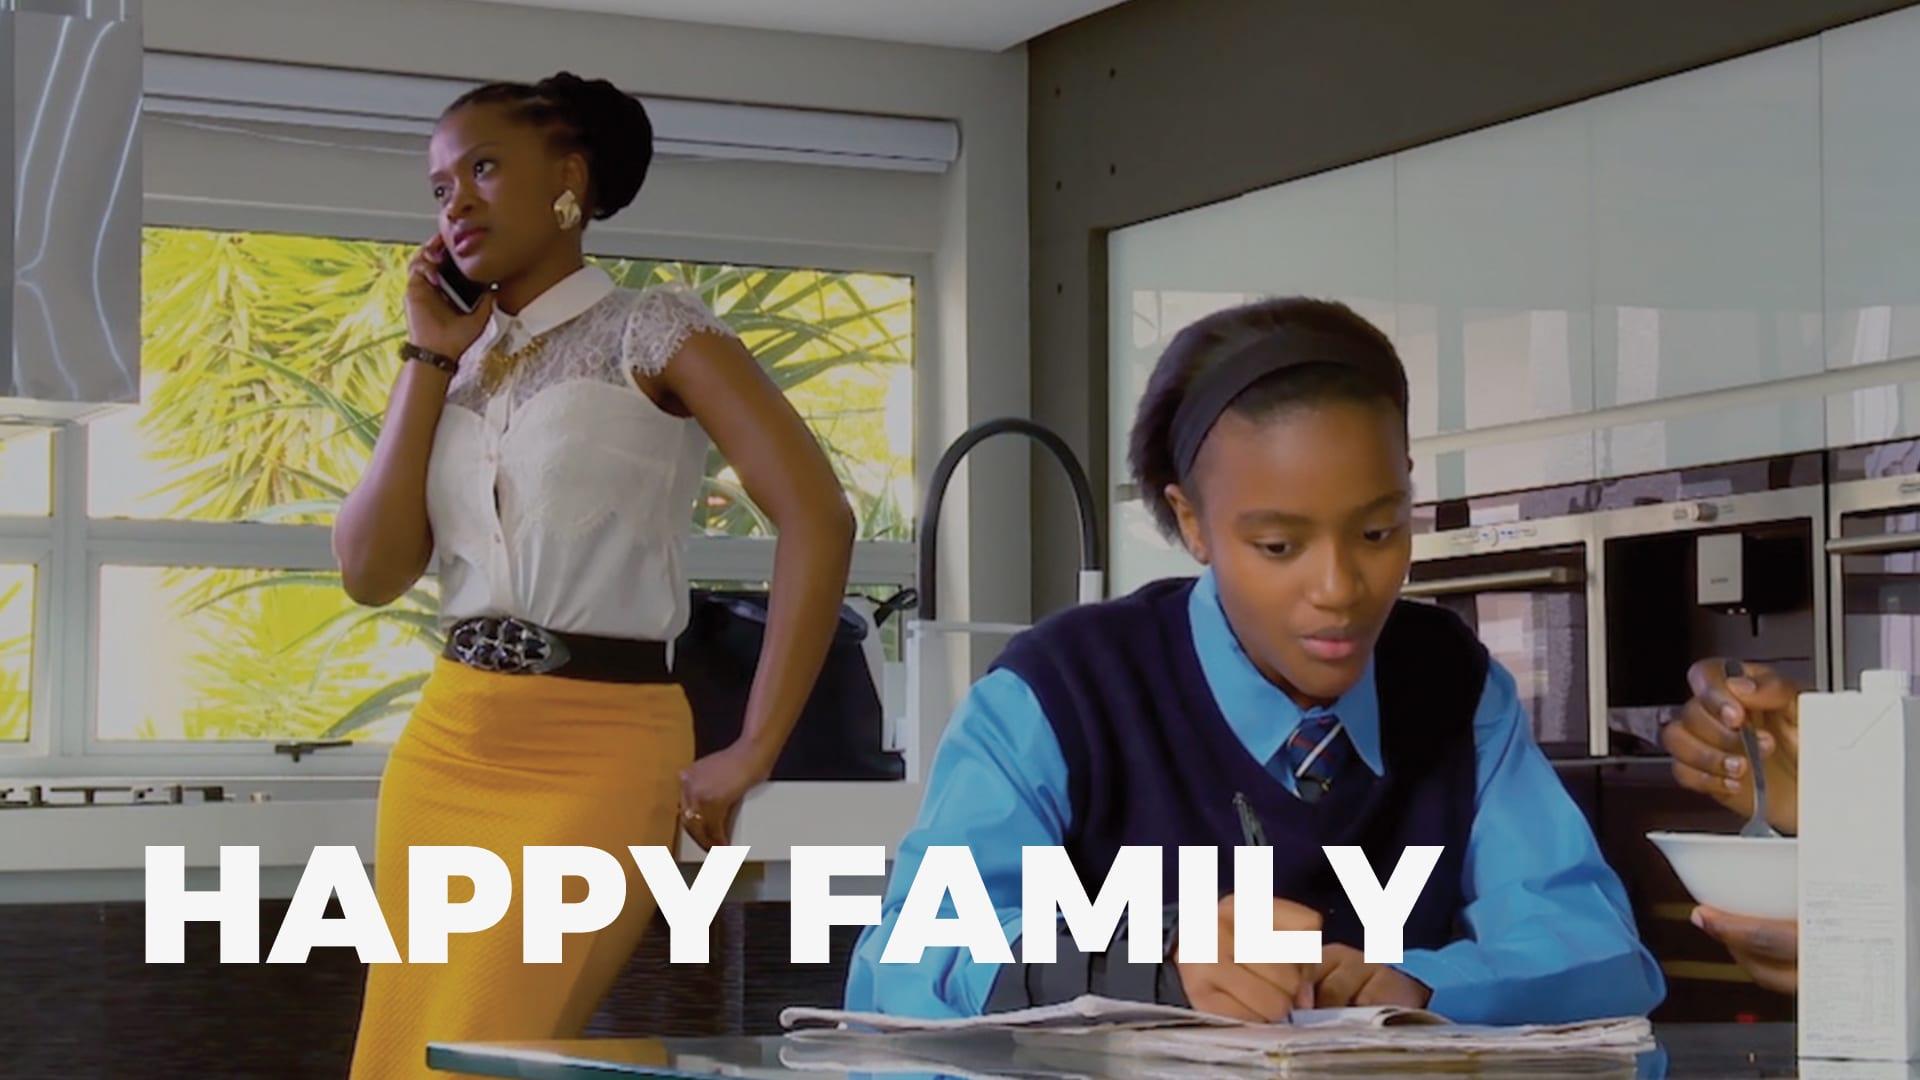 Happy Family Hero 800x450